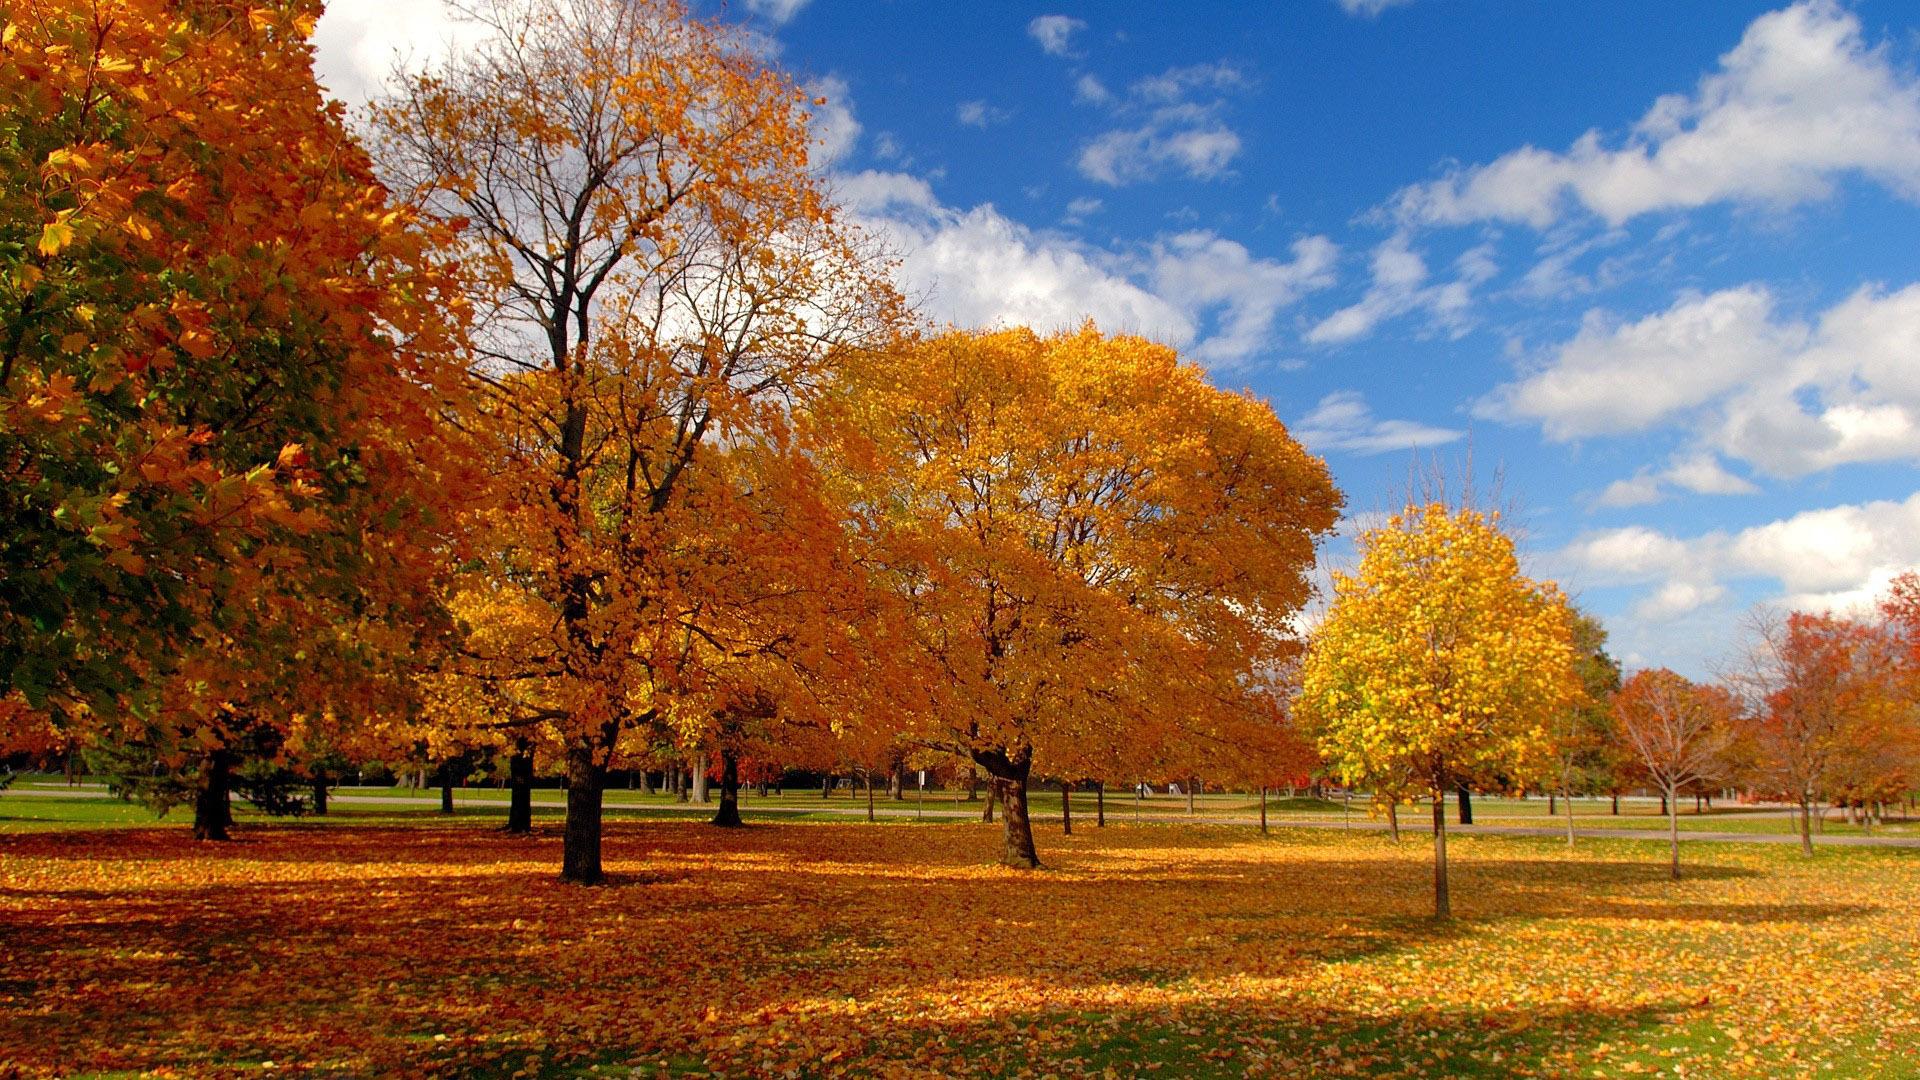 Autumn Fall Wallpaper 1600x900 Fall Trees Wallpaper 1920x1080 79519